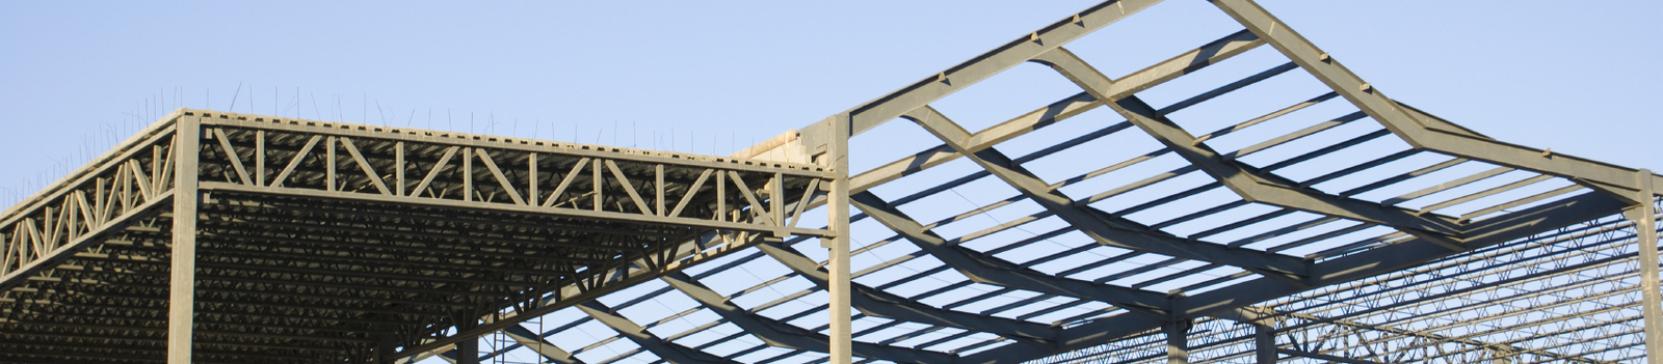 Bauprojekte Industrie Aridbau München